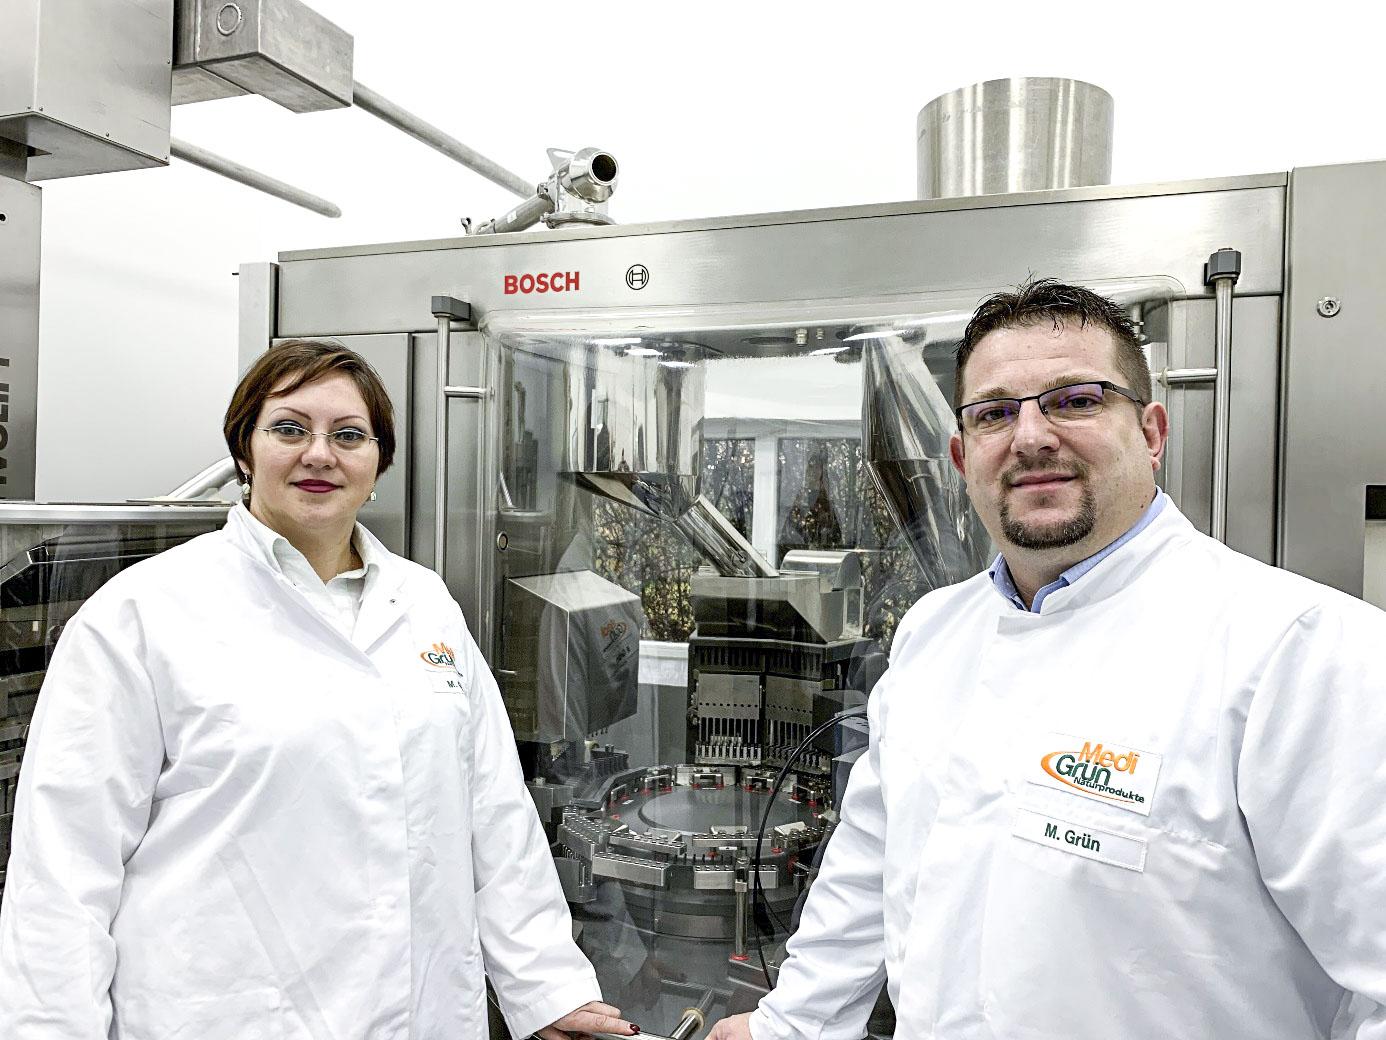 Mihaela und Markus Grün